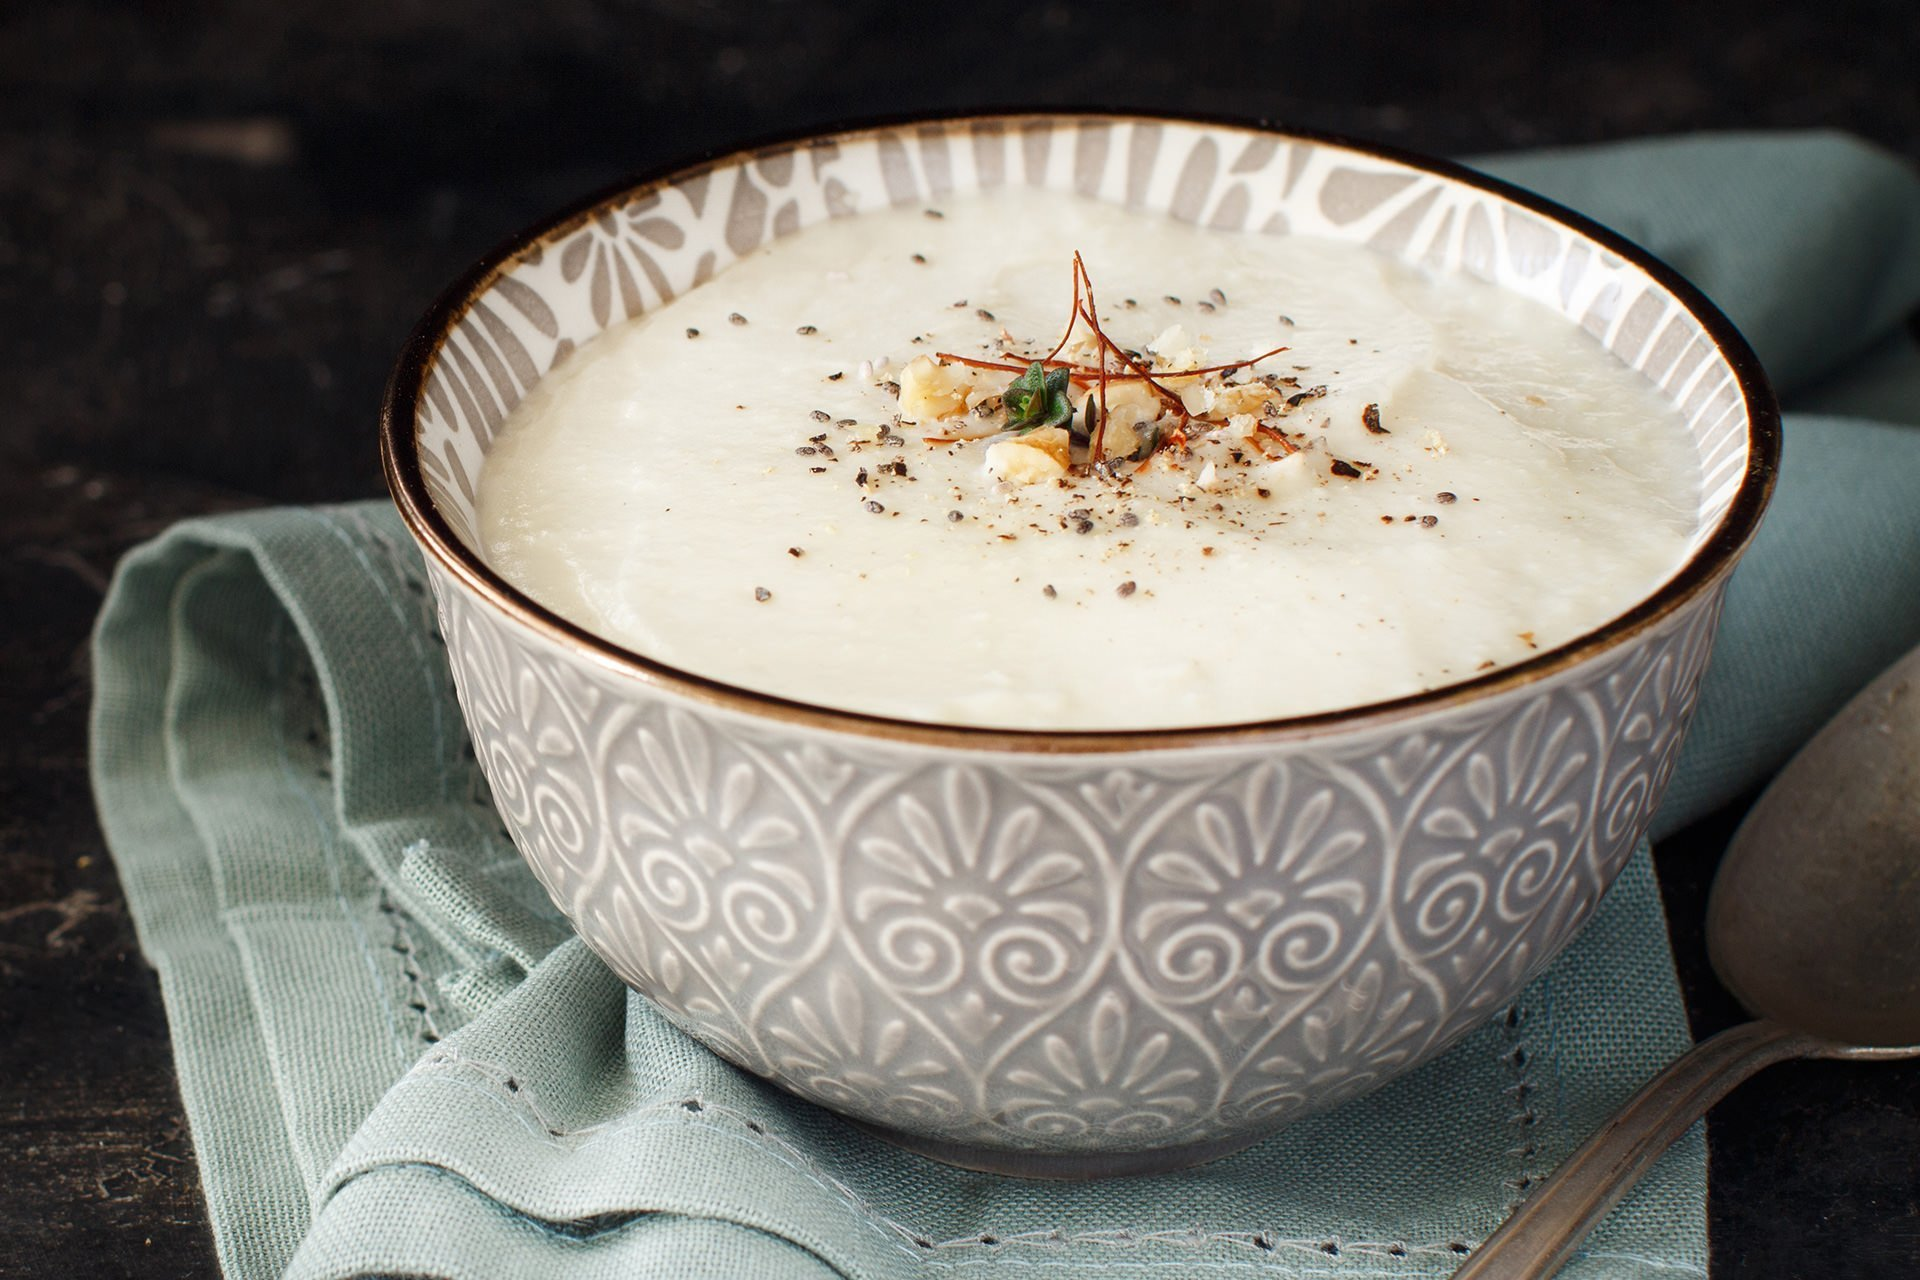 Kremalı sosisli karnıbahar çorbası